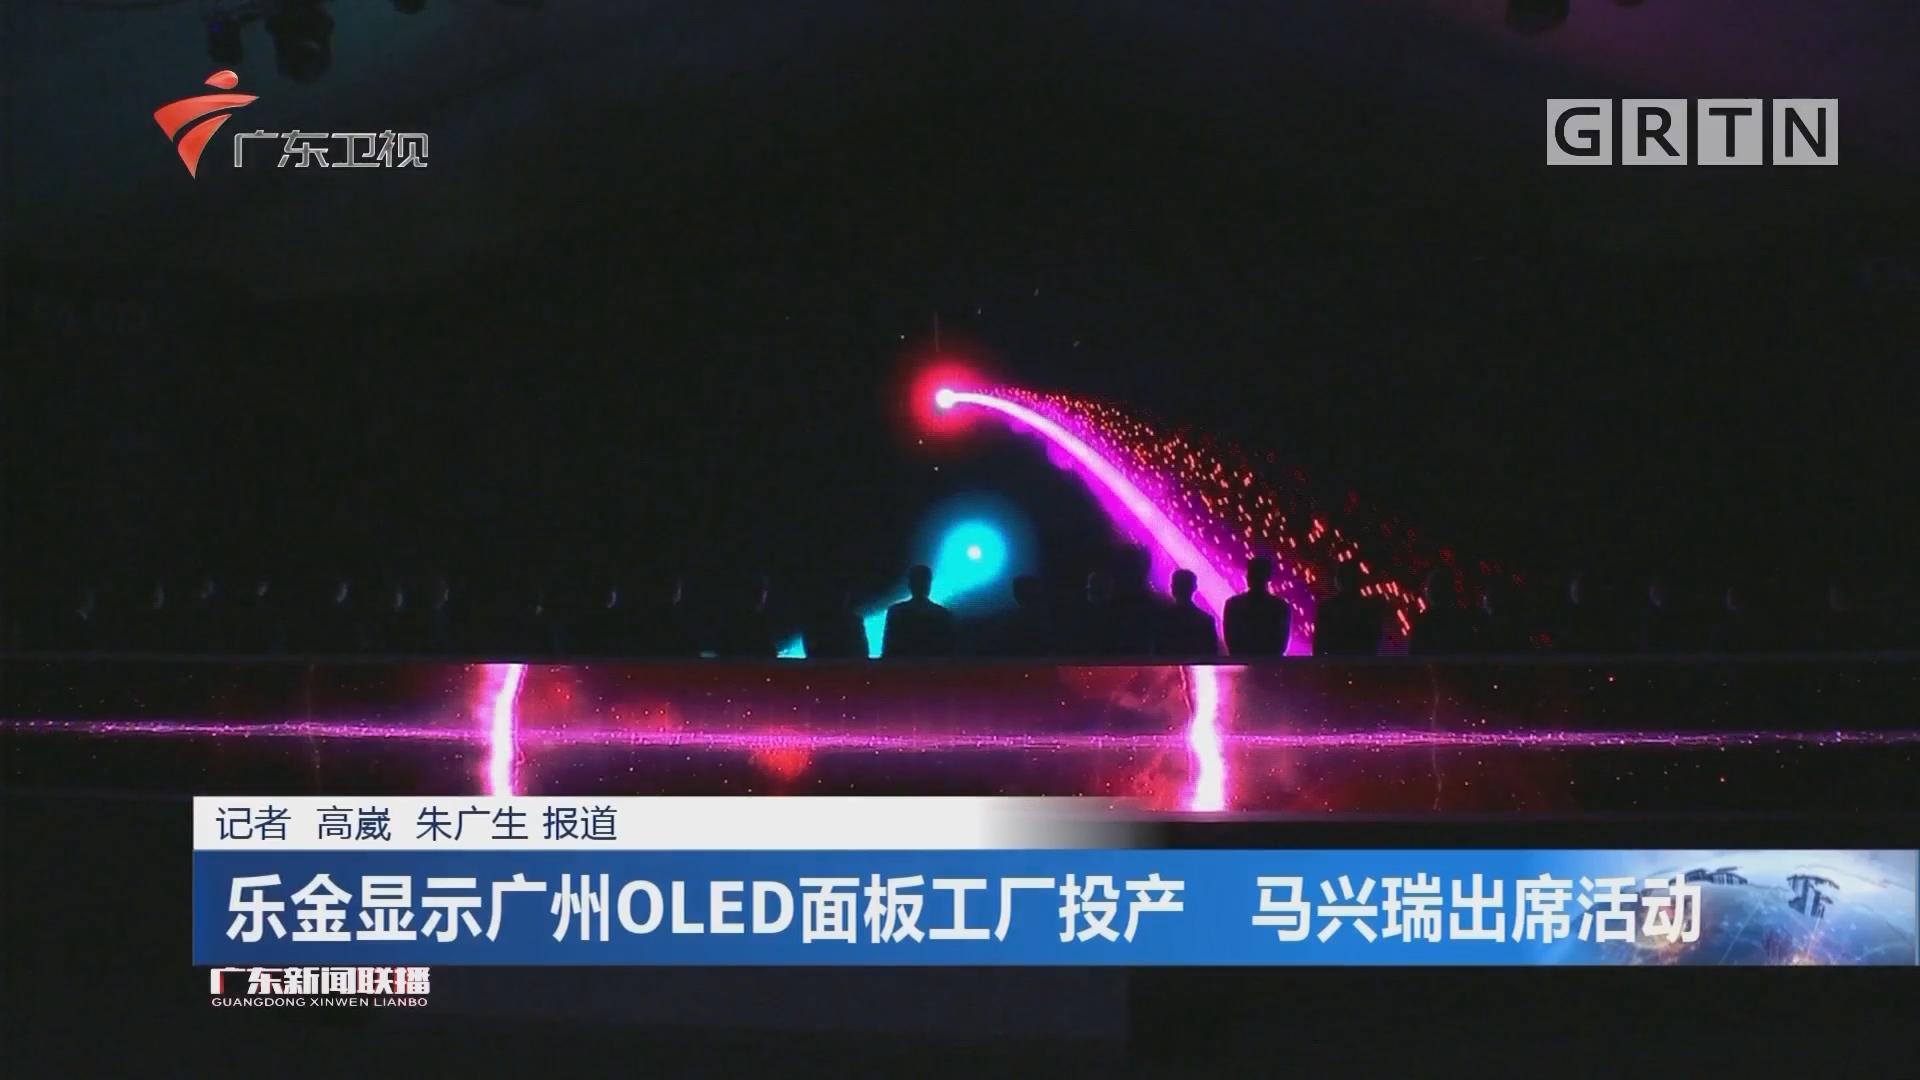 乐金显示广州OLED面板工厂投产 马兴瑞出席活动